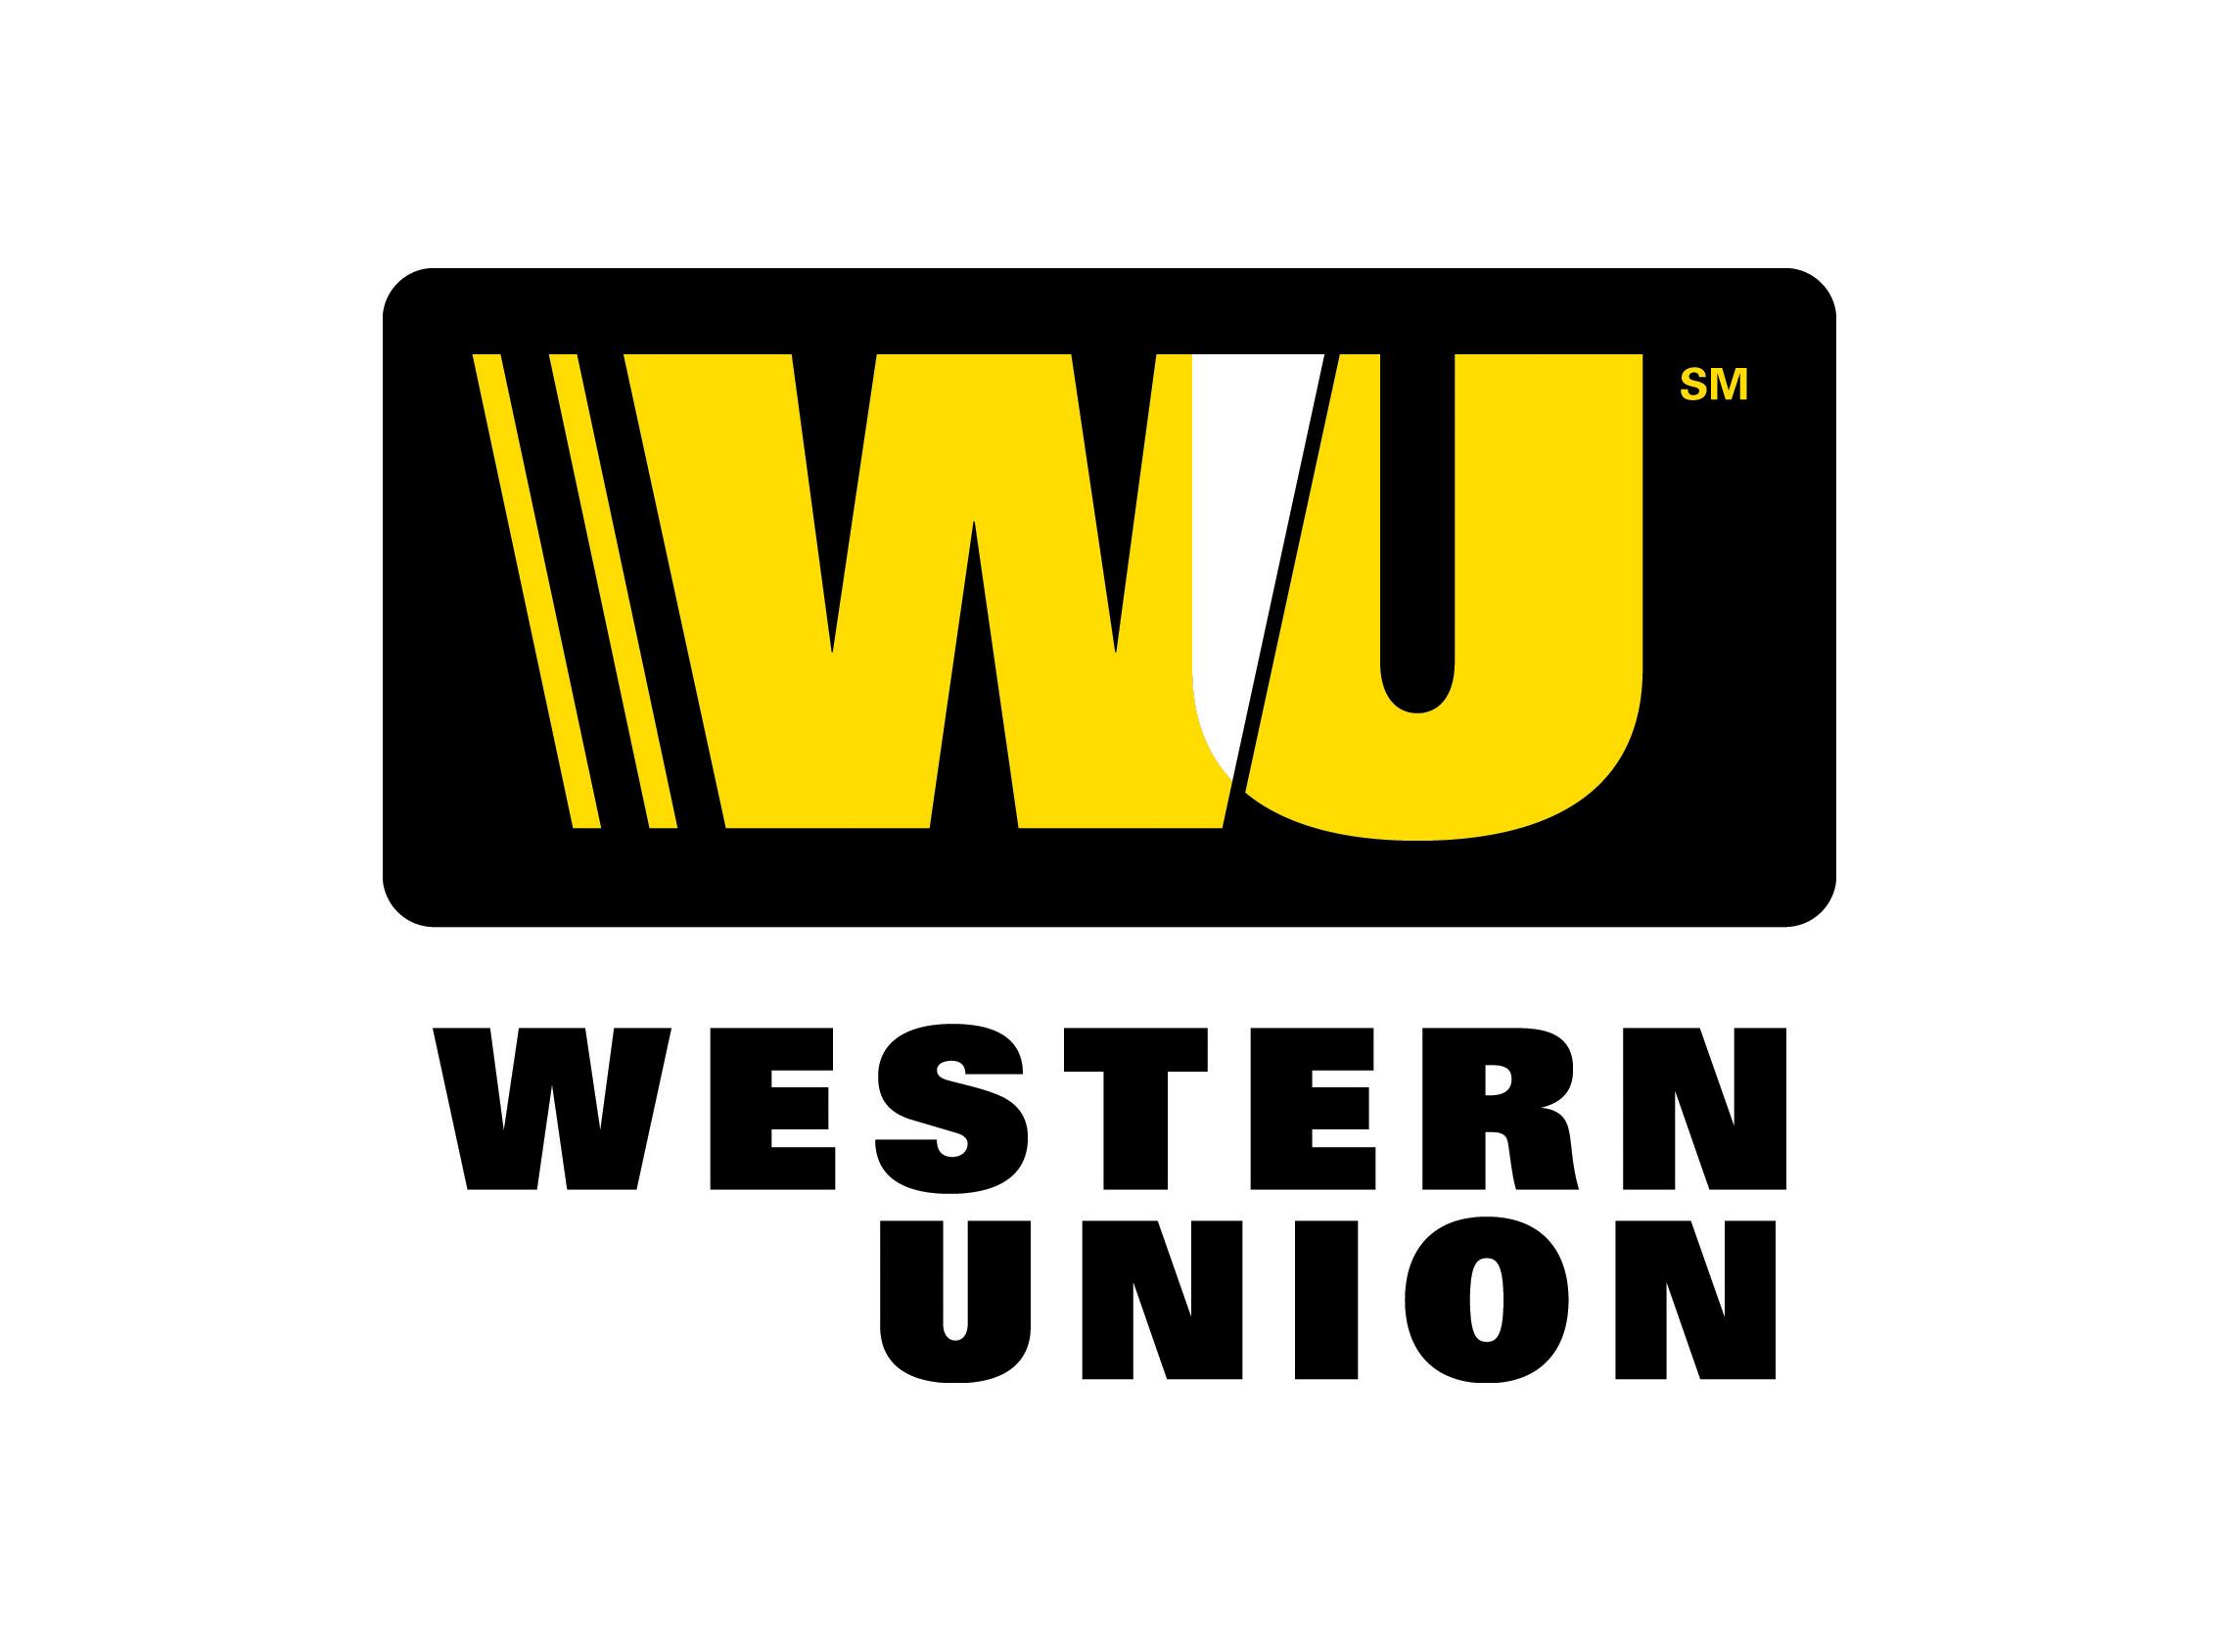 Western Union KWK-Aktion: 2 x 15€ Amazon Gutschein (Werber & Geworbener) für min. 50€ Überweisung